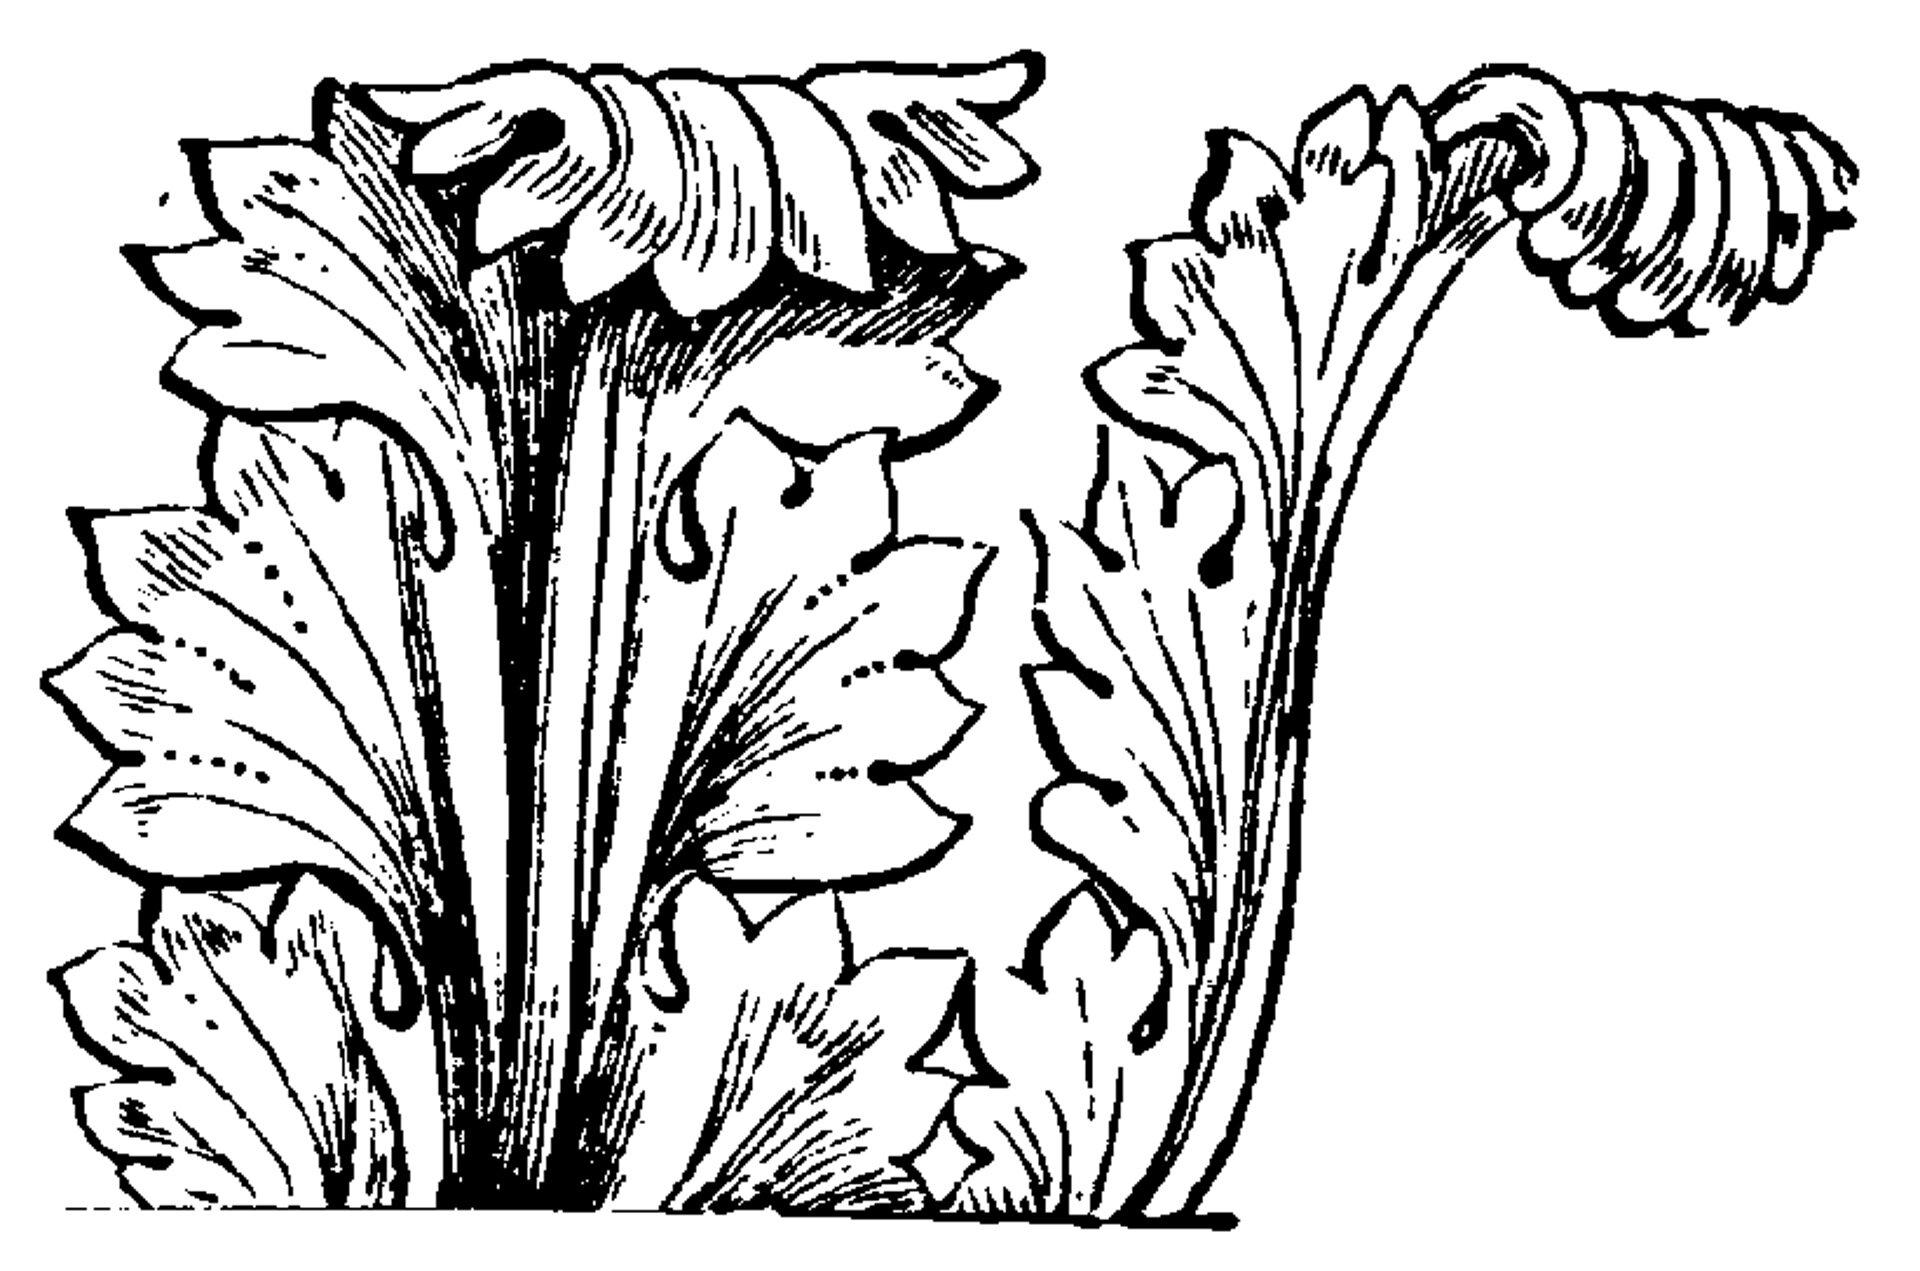 Ilustracja przedstawiająca ornament: akant. Element dekoracyjny naszkicowany jest czarnym kolorem bez wypełenień. Ornament kształtem przypomina liść akantu.